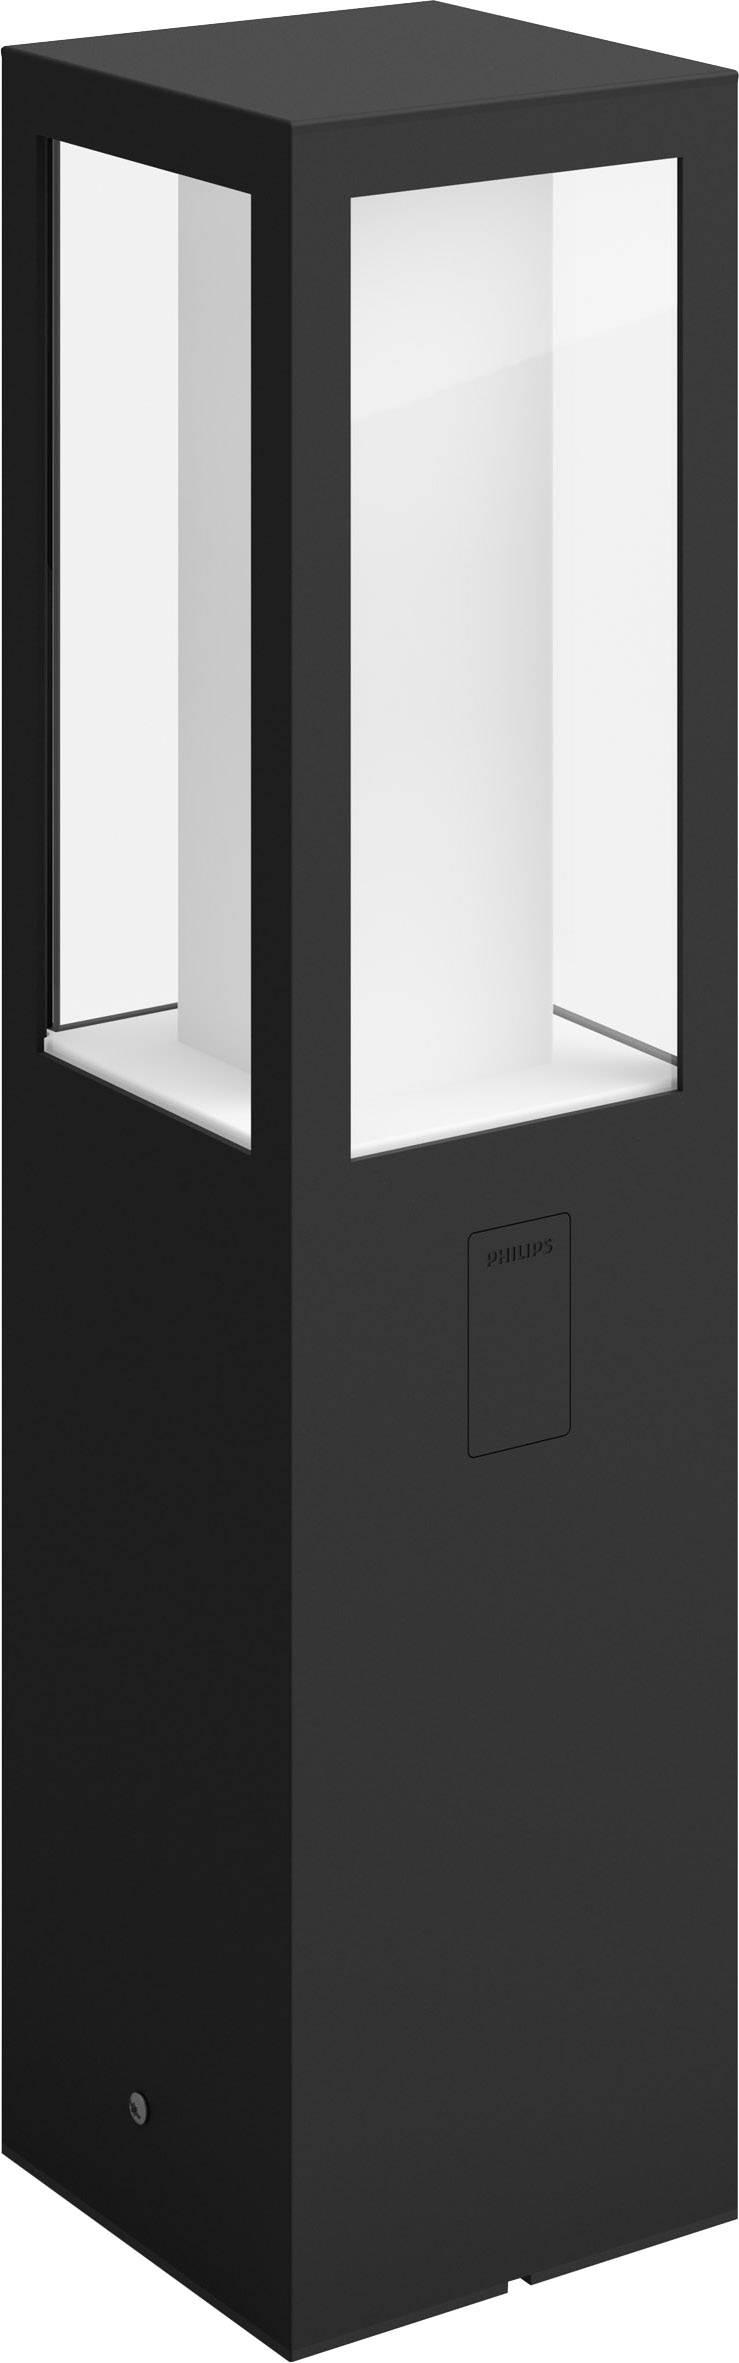 izdelek-philips-lighting-hue-led-zunanja-stojeca-svetilka-zacetni-k